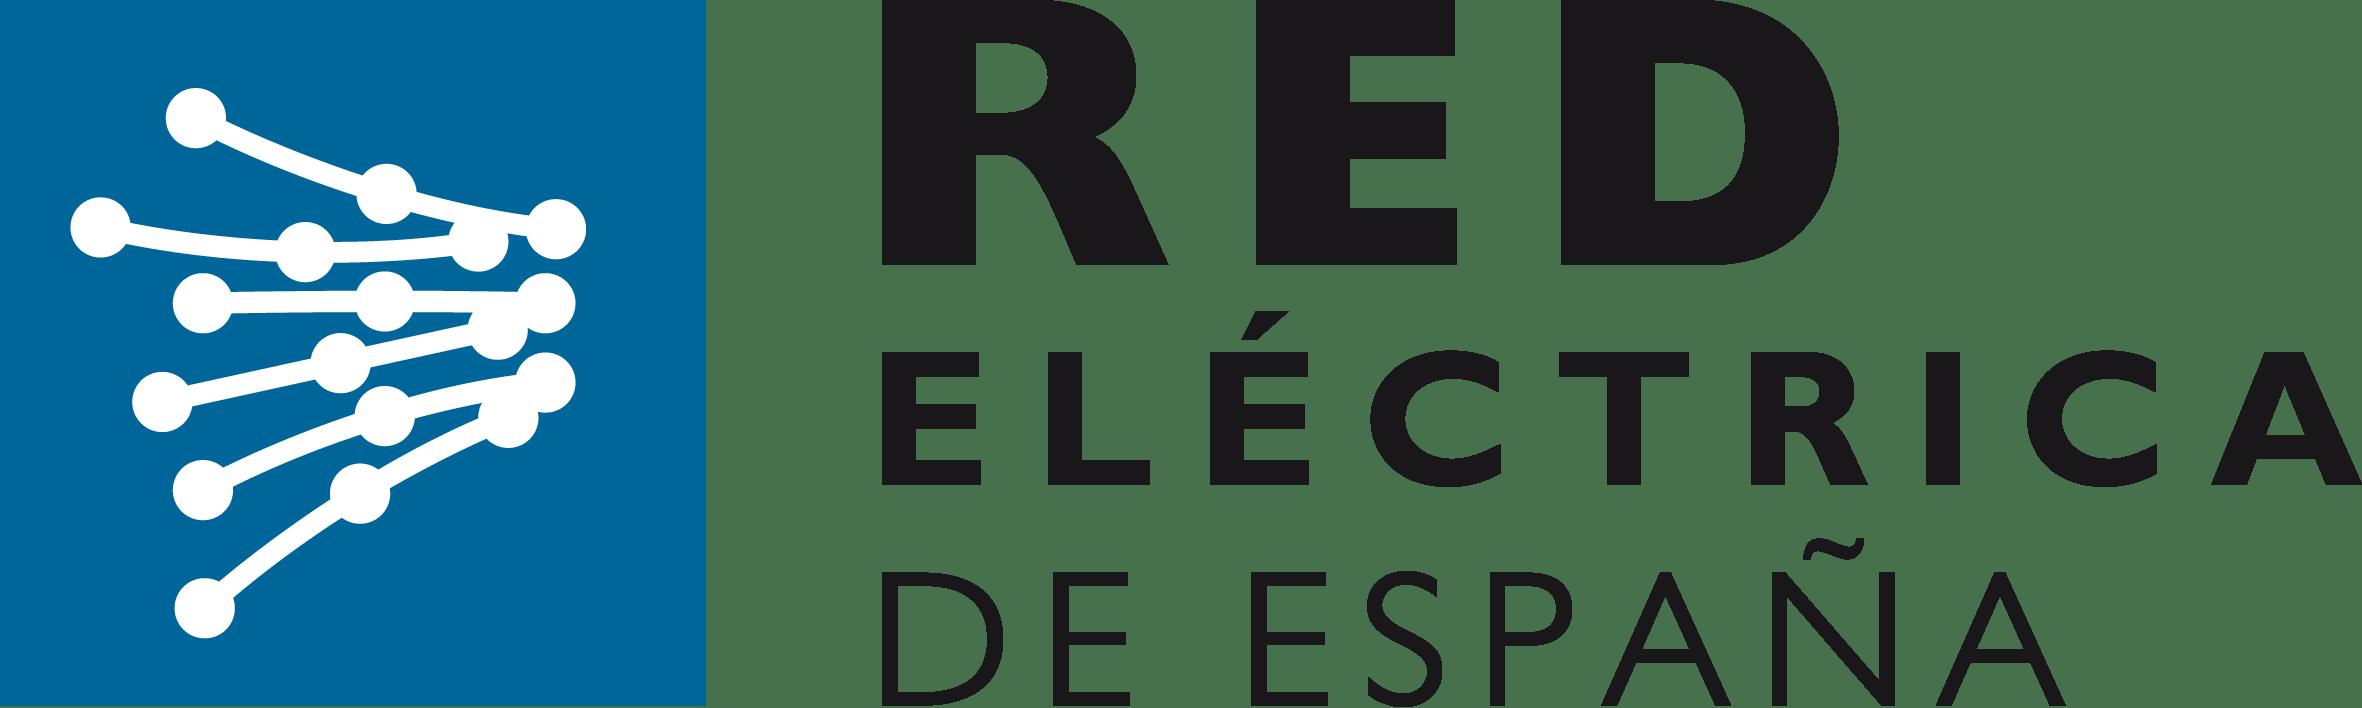 Ree Ban logo